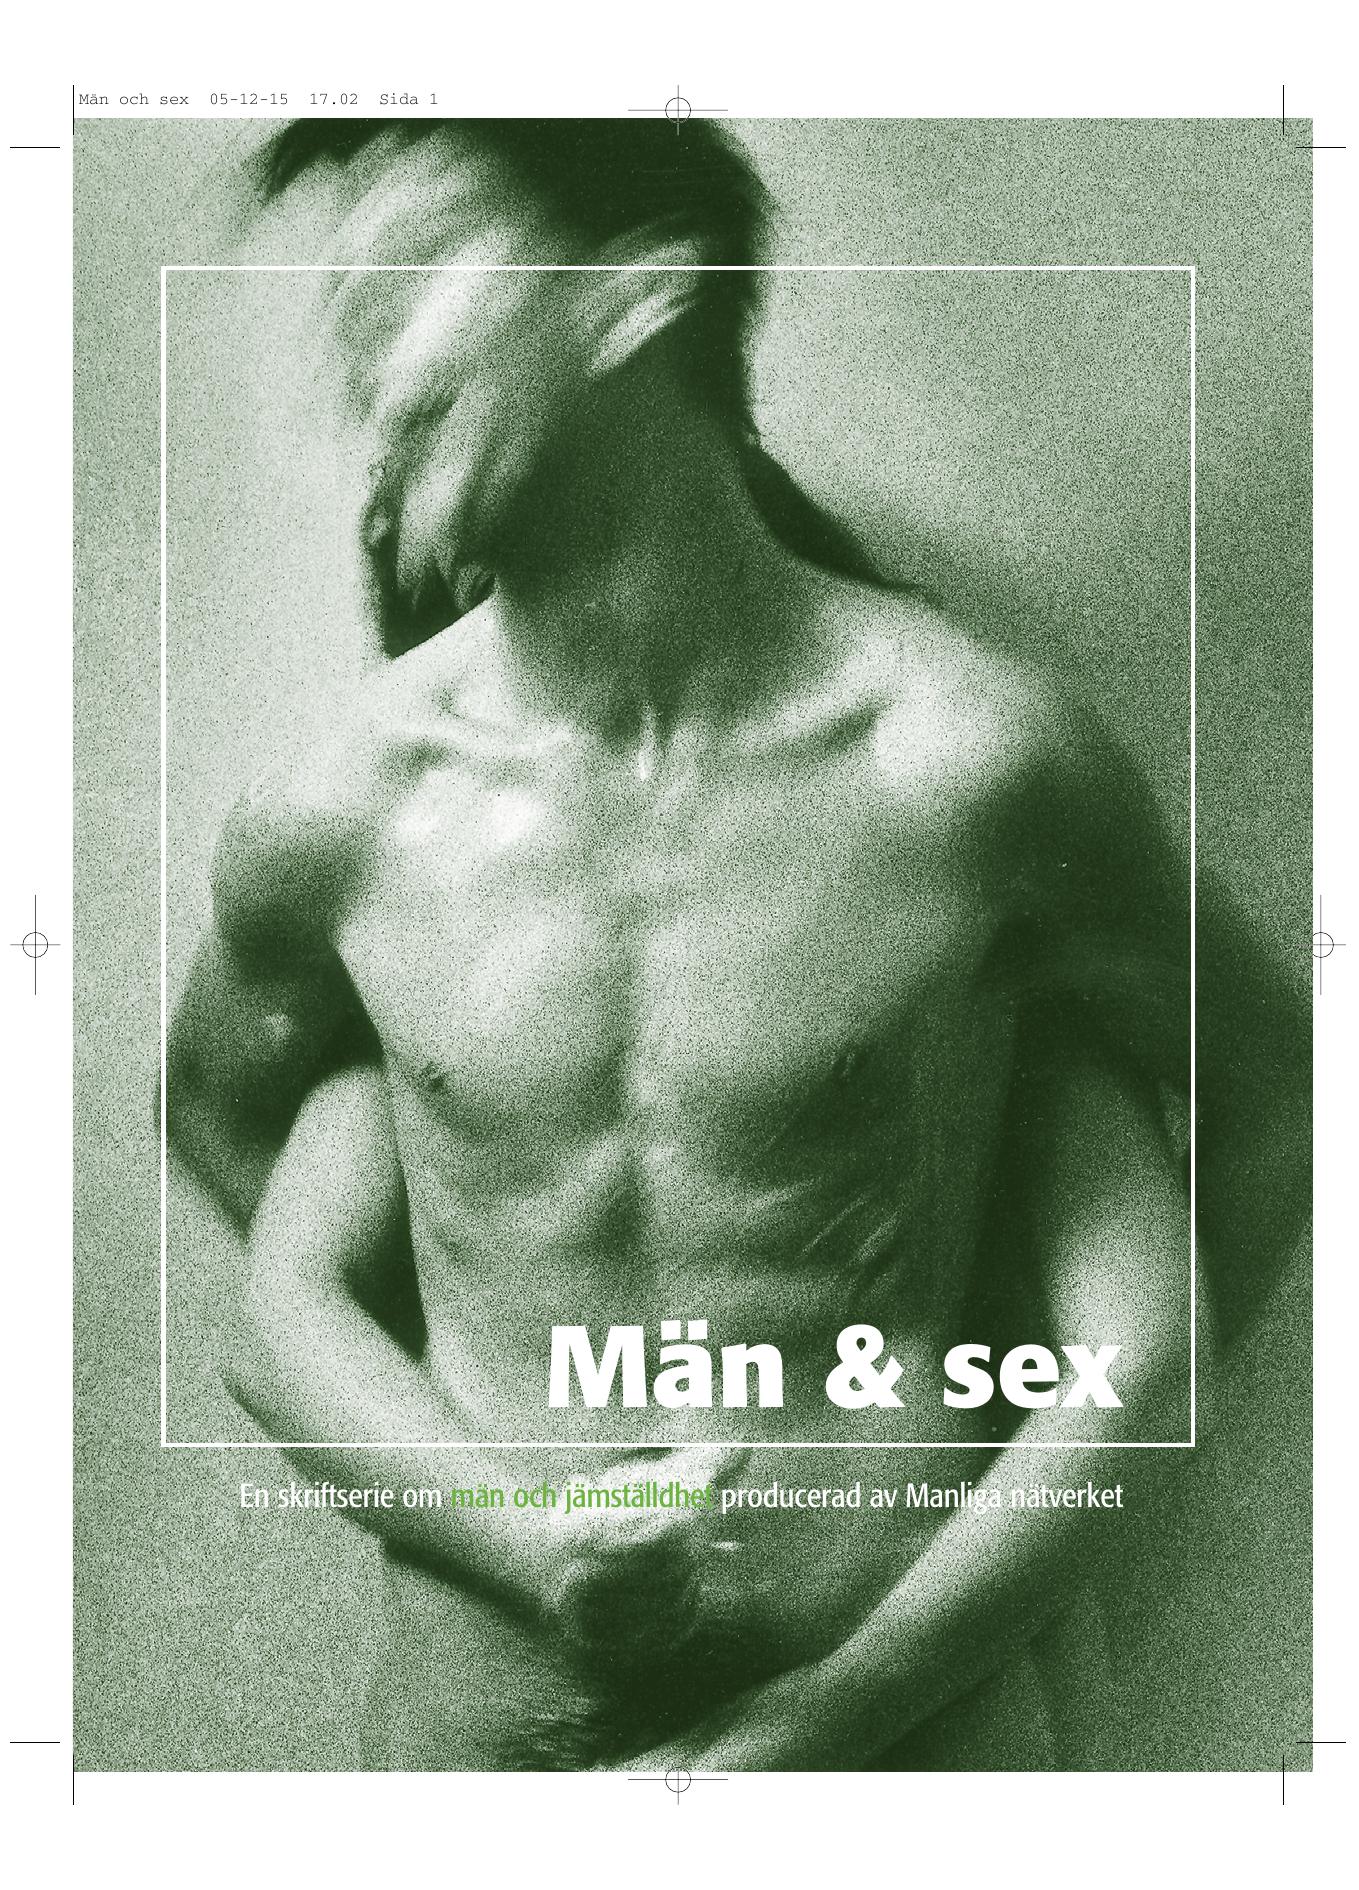 Låg sexlust hos unga män